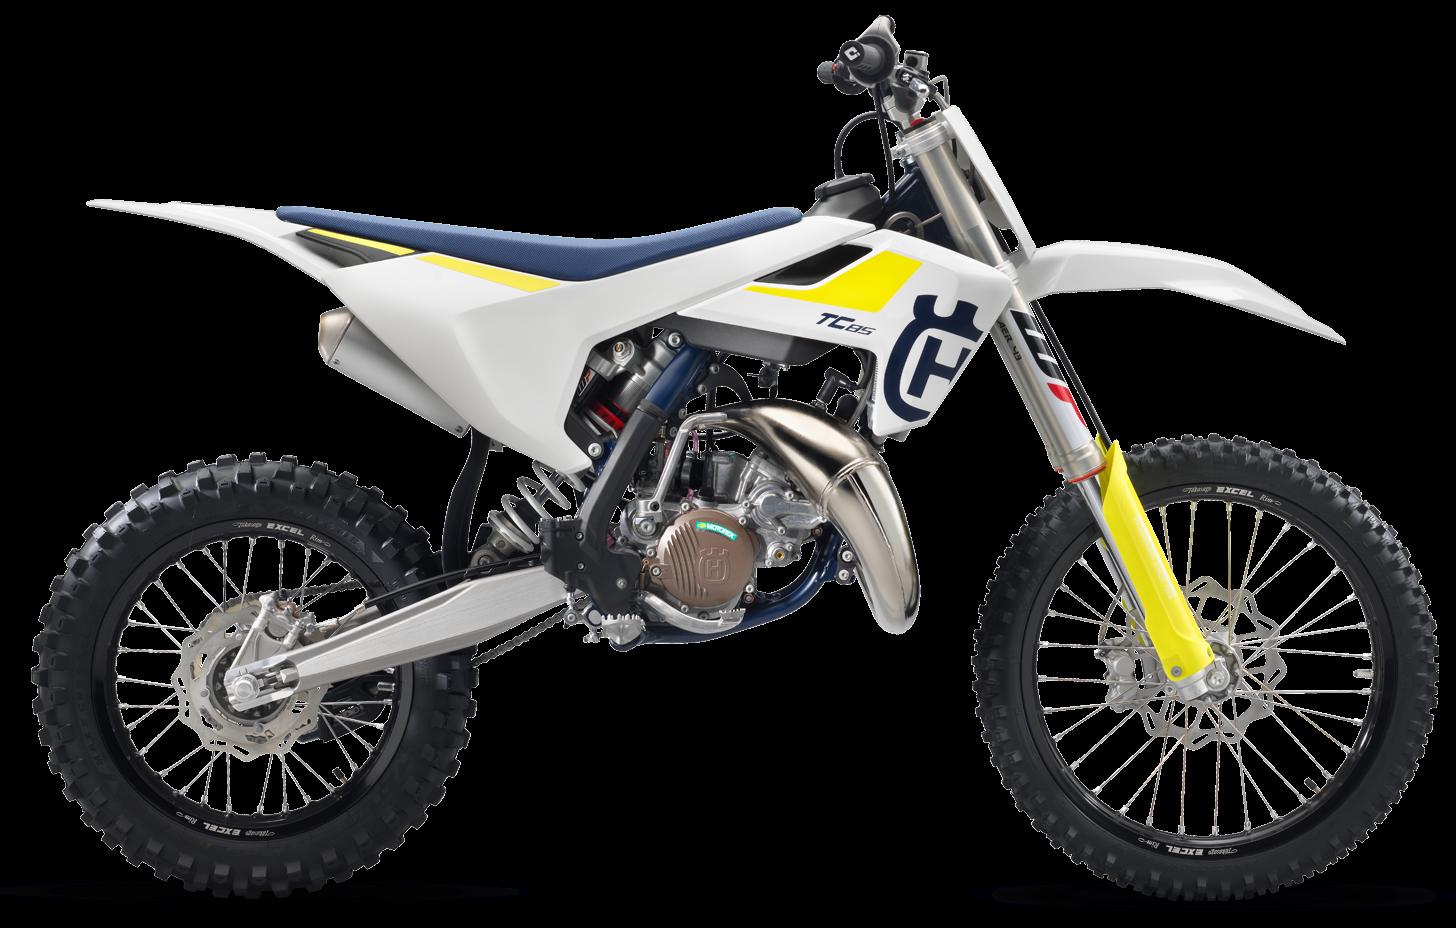 2019 Husqvarna Tc 85 17 14 Motorcycle Uae S Prices Specs